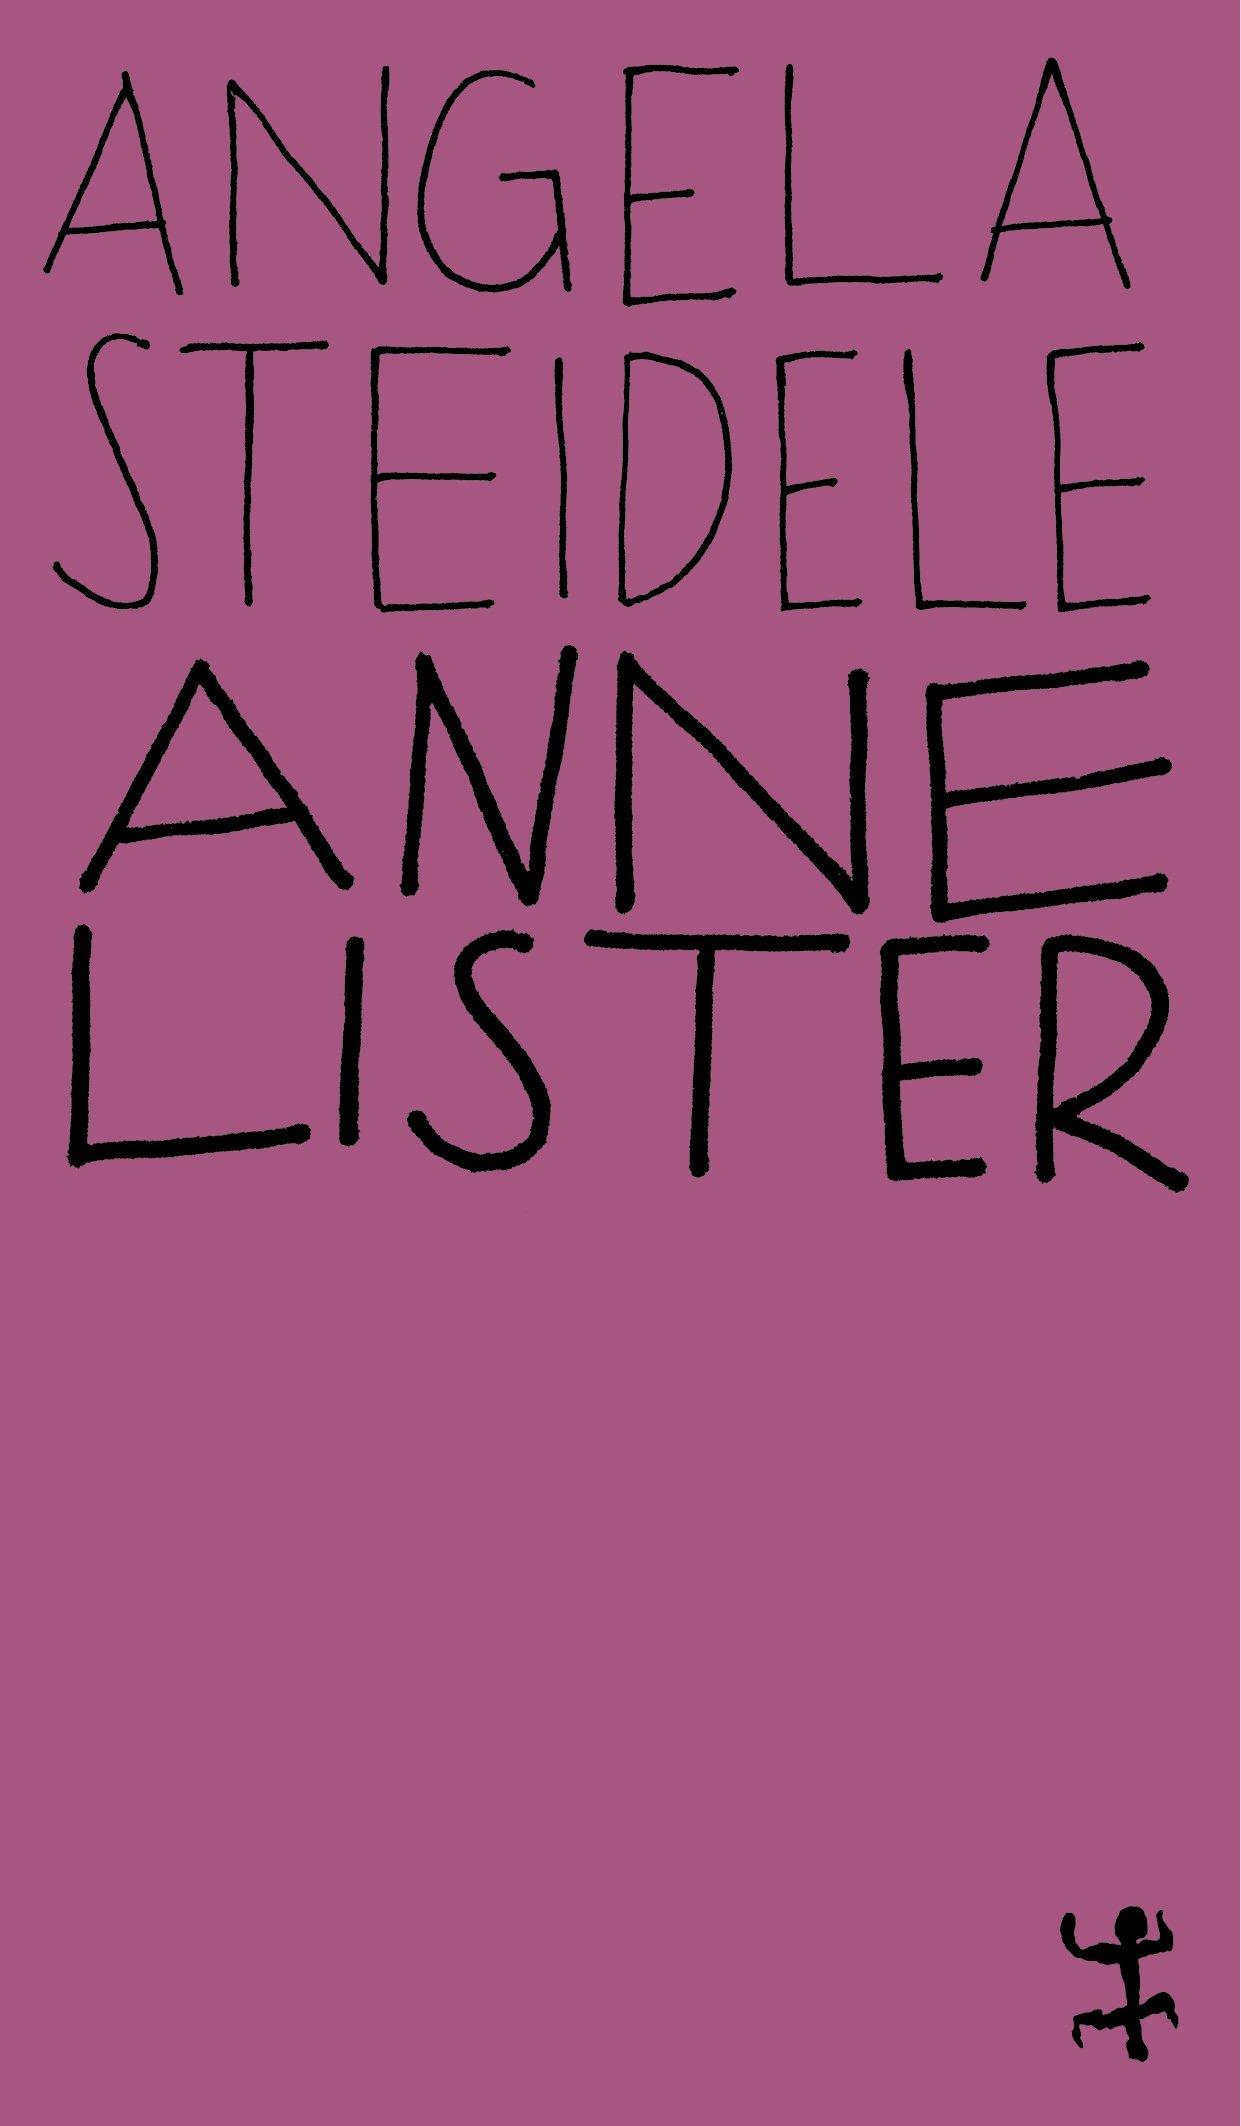 Anne Lister: Eine erotische Biographie (MSB Paperback) Taschenbuch – 31. August 2018 Angela Steidele Matthes & Seitz Berlin 3957576474 Geschichte / Neuzeit